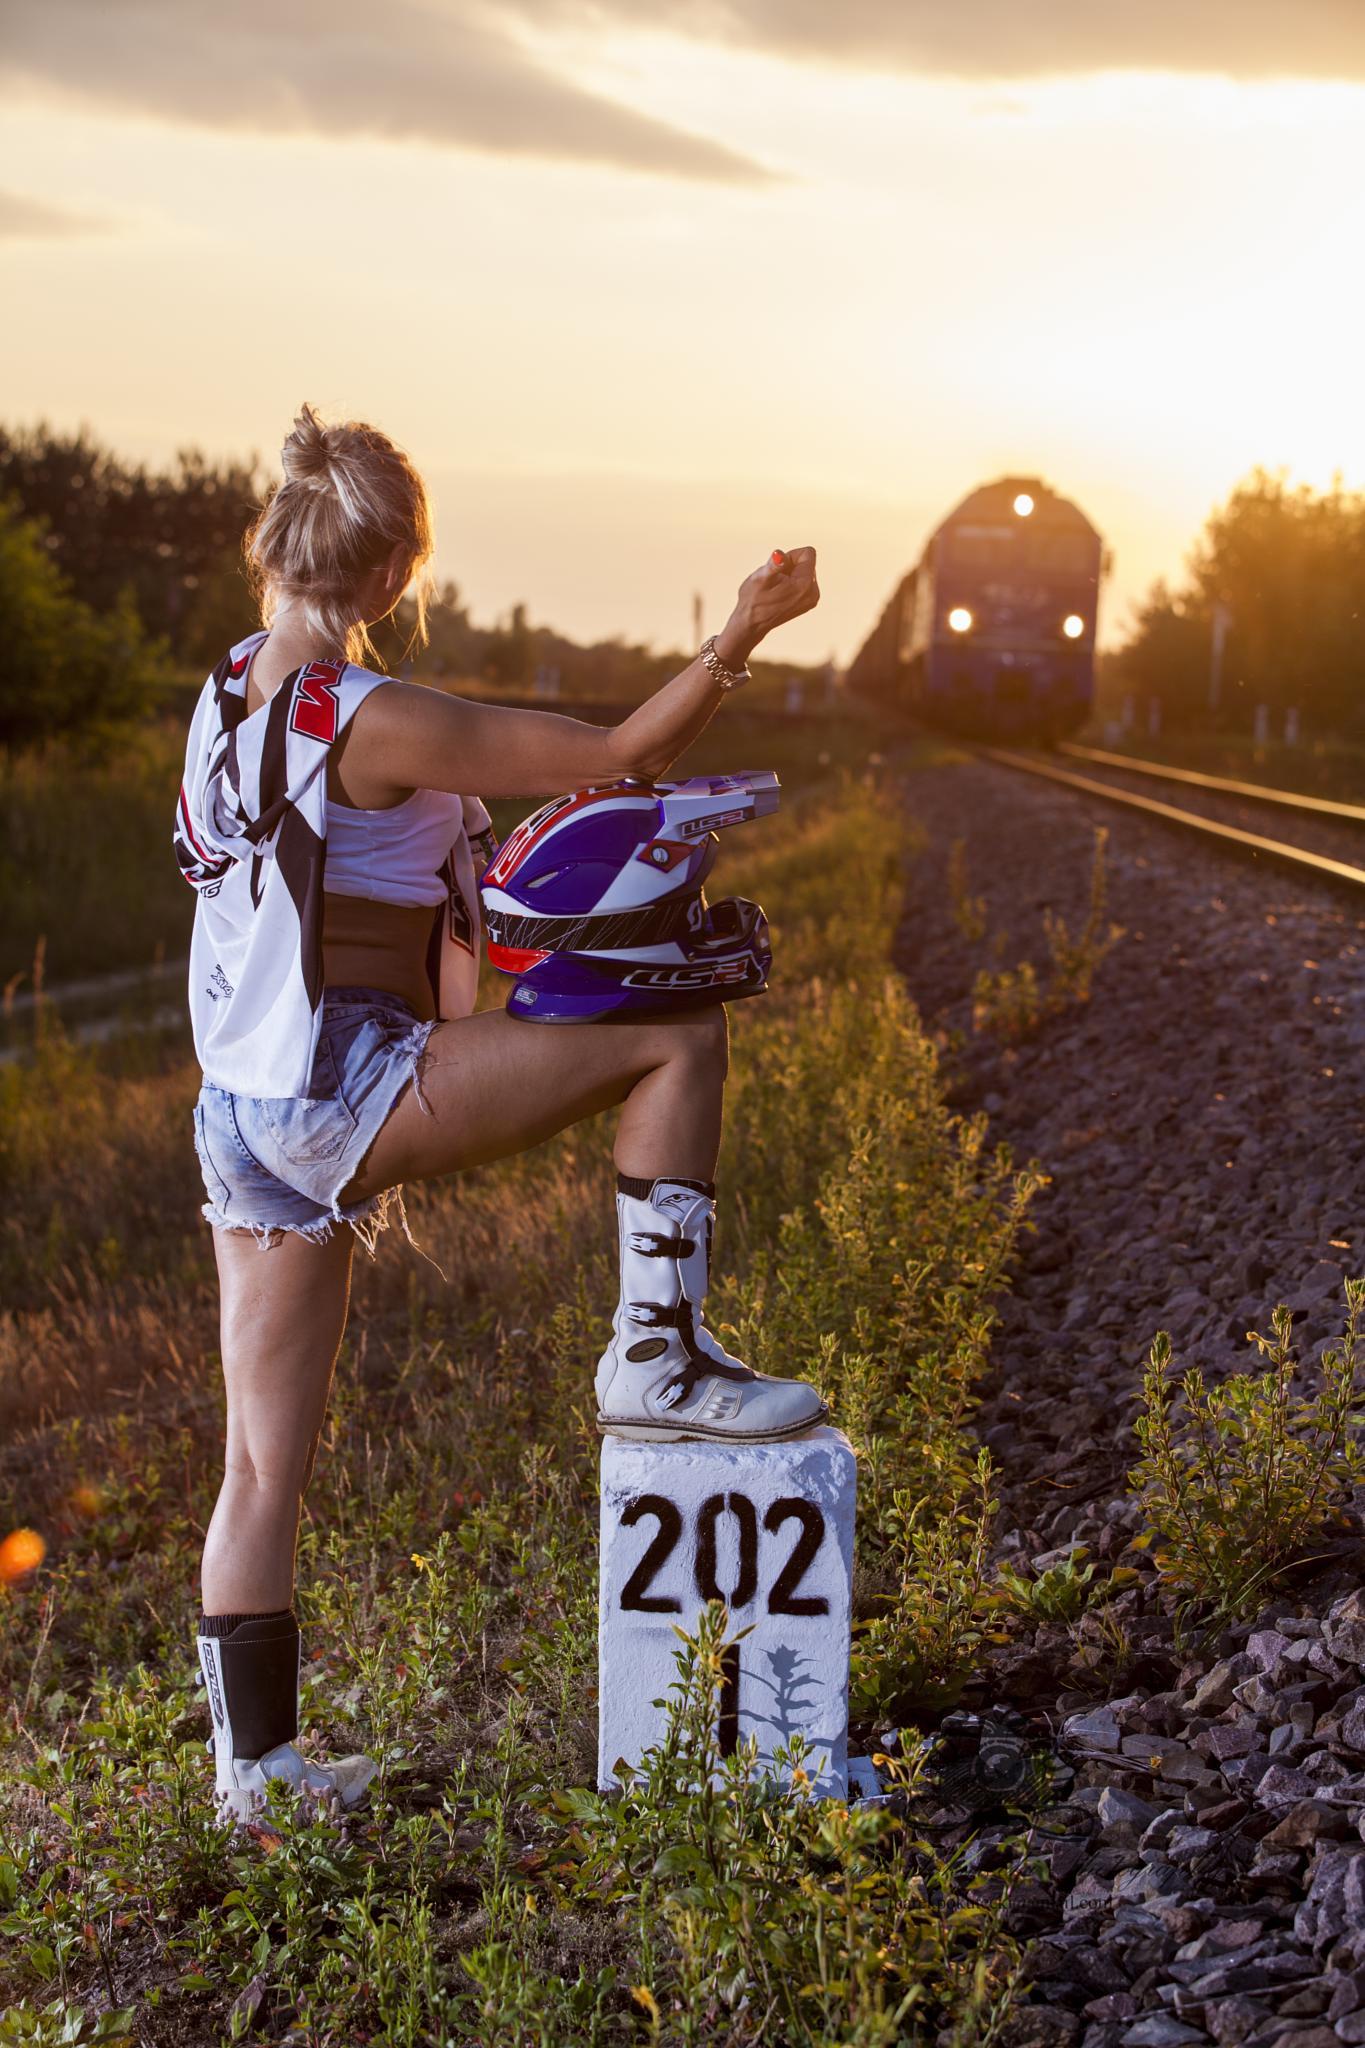 Motocross girl stops the train by Marek Pokutecki